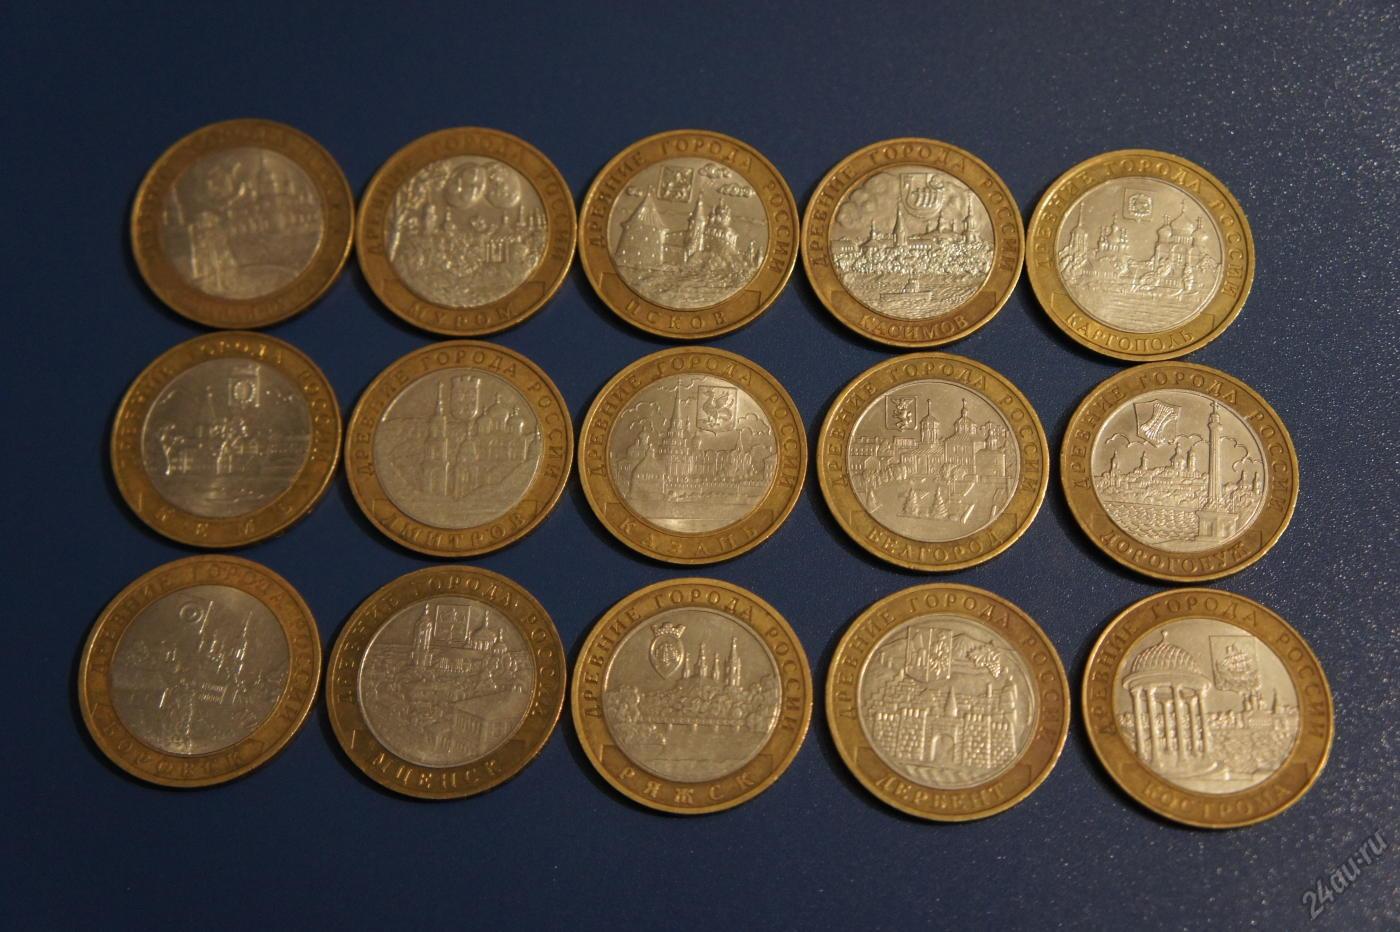 также ценные старинные монеты фото полагать, что лестница